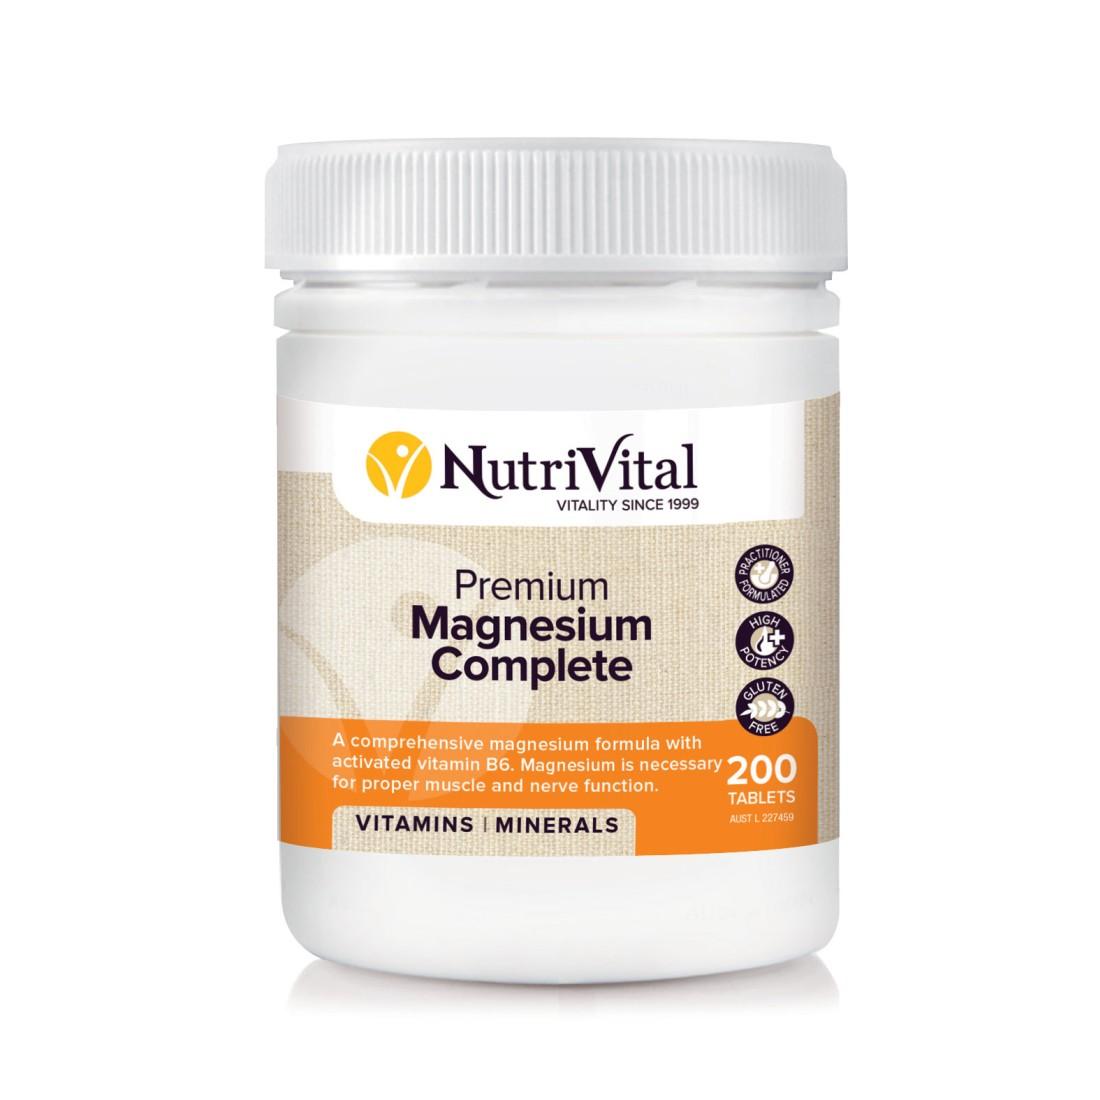 Nutrivital Premium Magnesium Complete